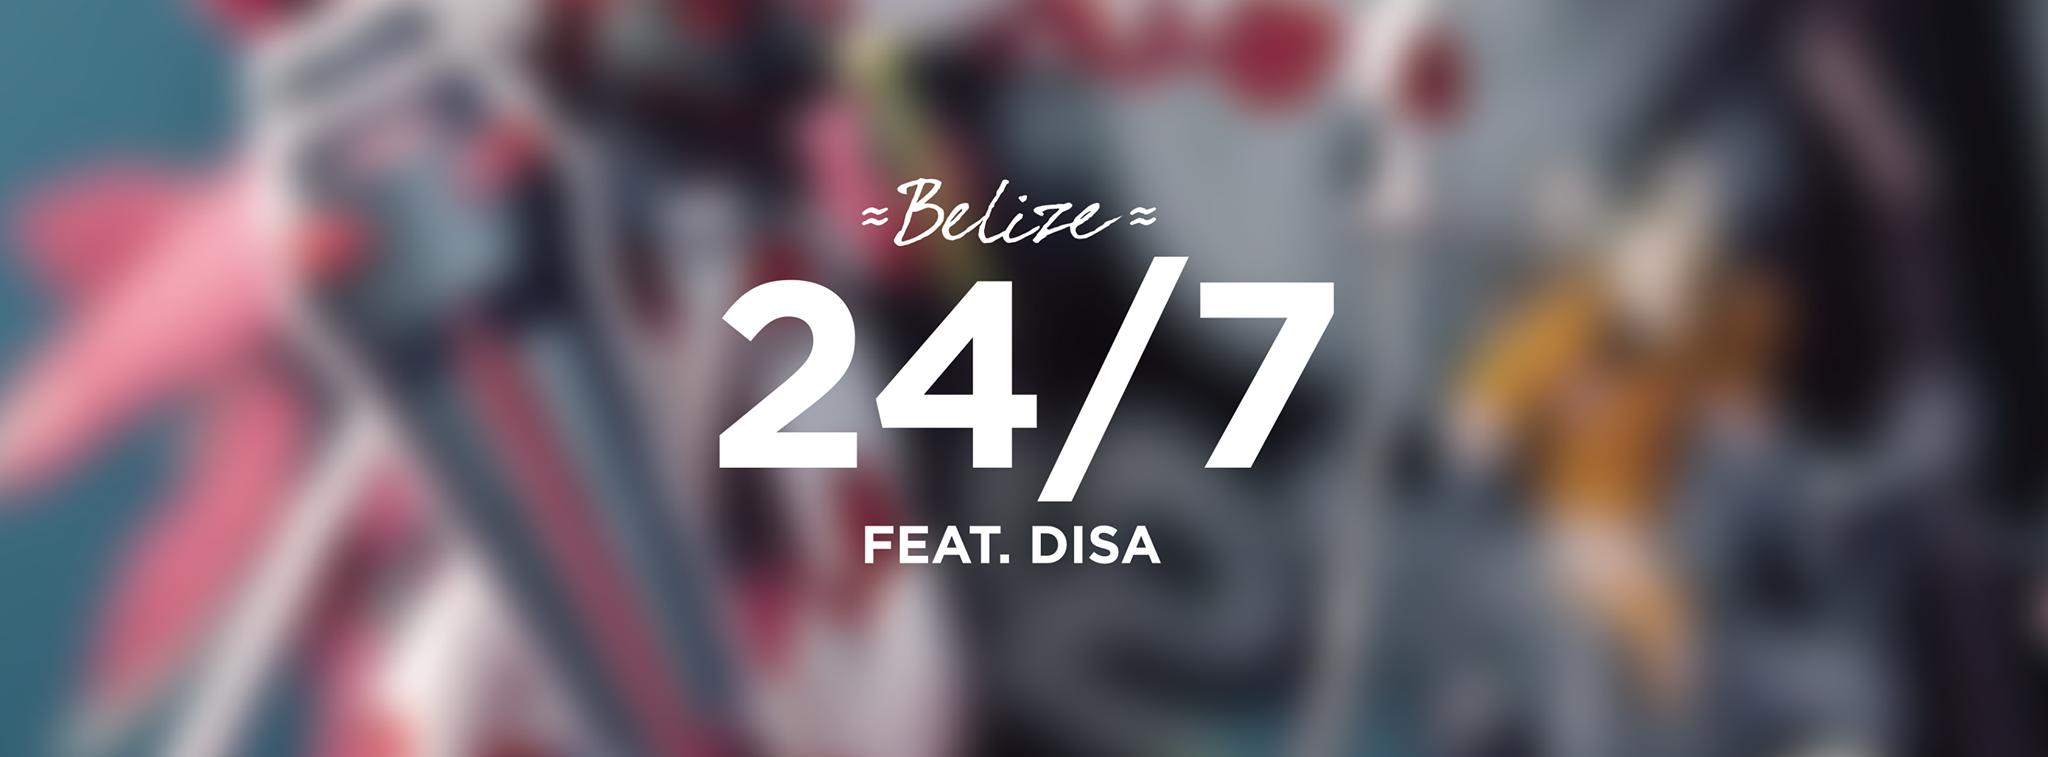 belize-24-7